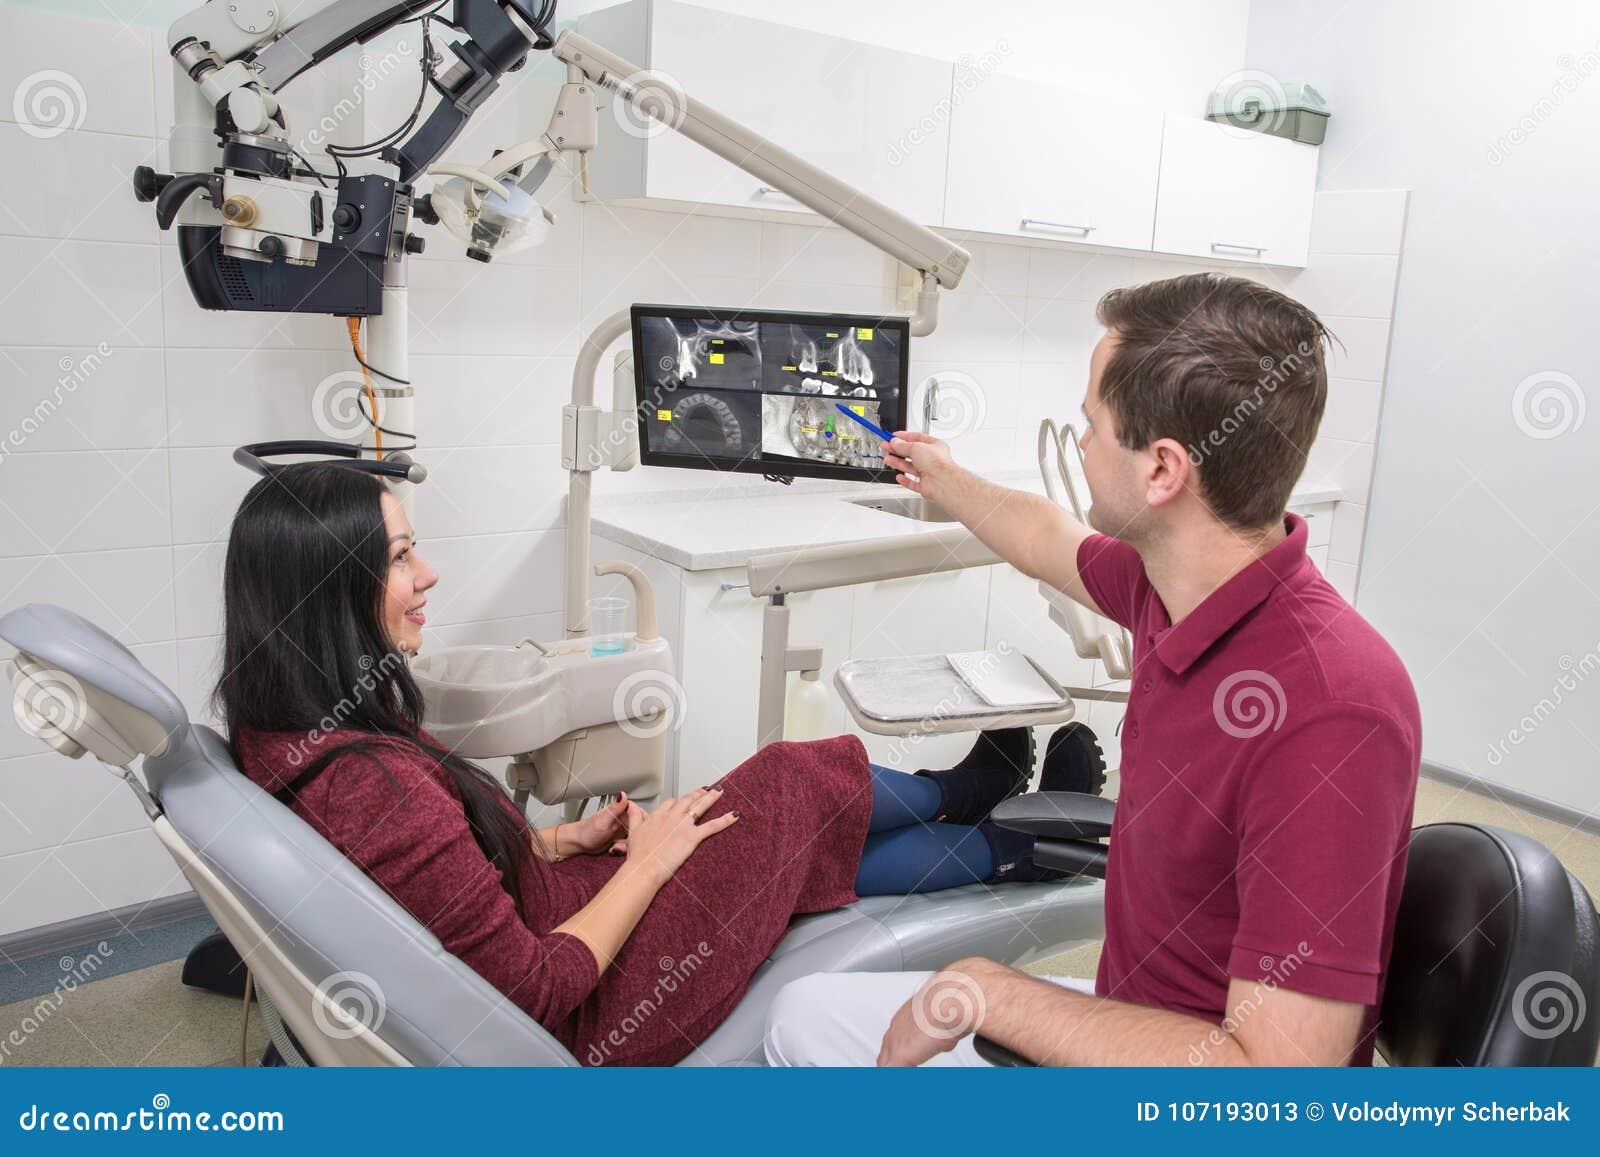 Le dentiste montre un rayon X patient des dents Clinique dentaire Le patient s assied dans une chaise le dentiste dirige la poign